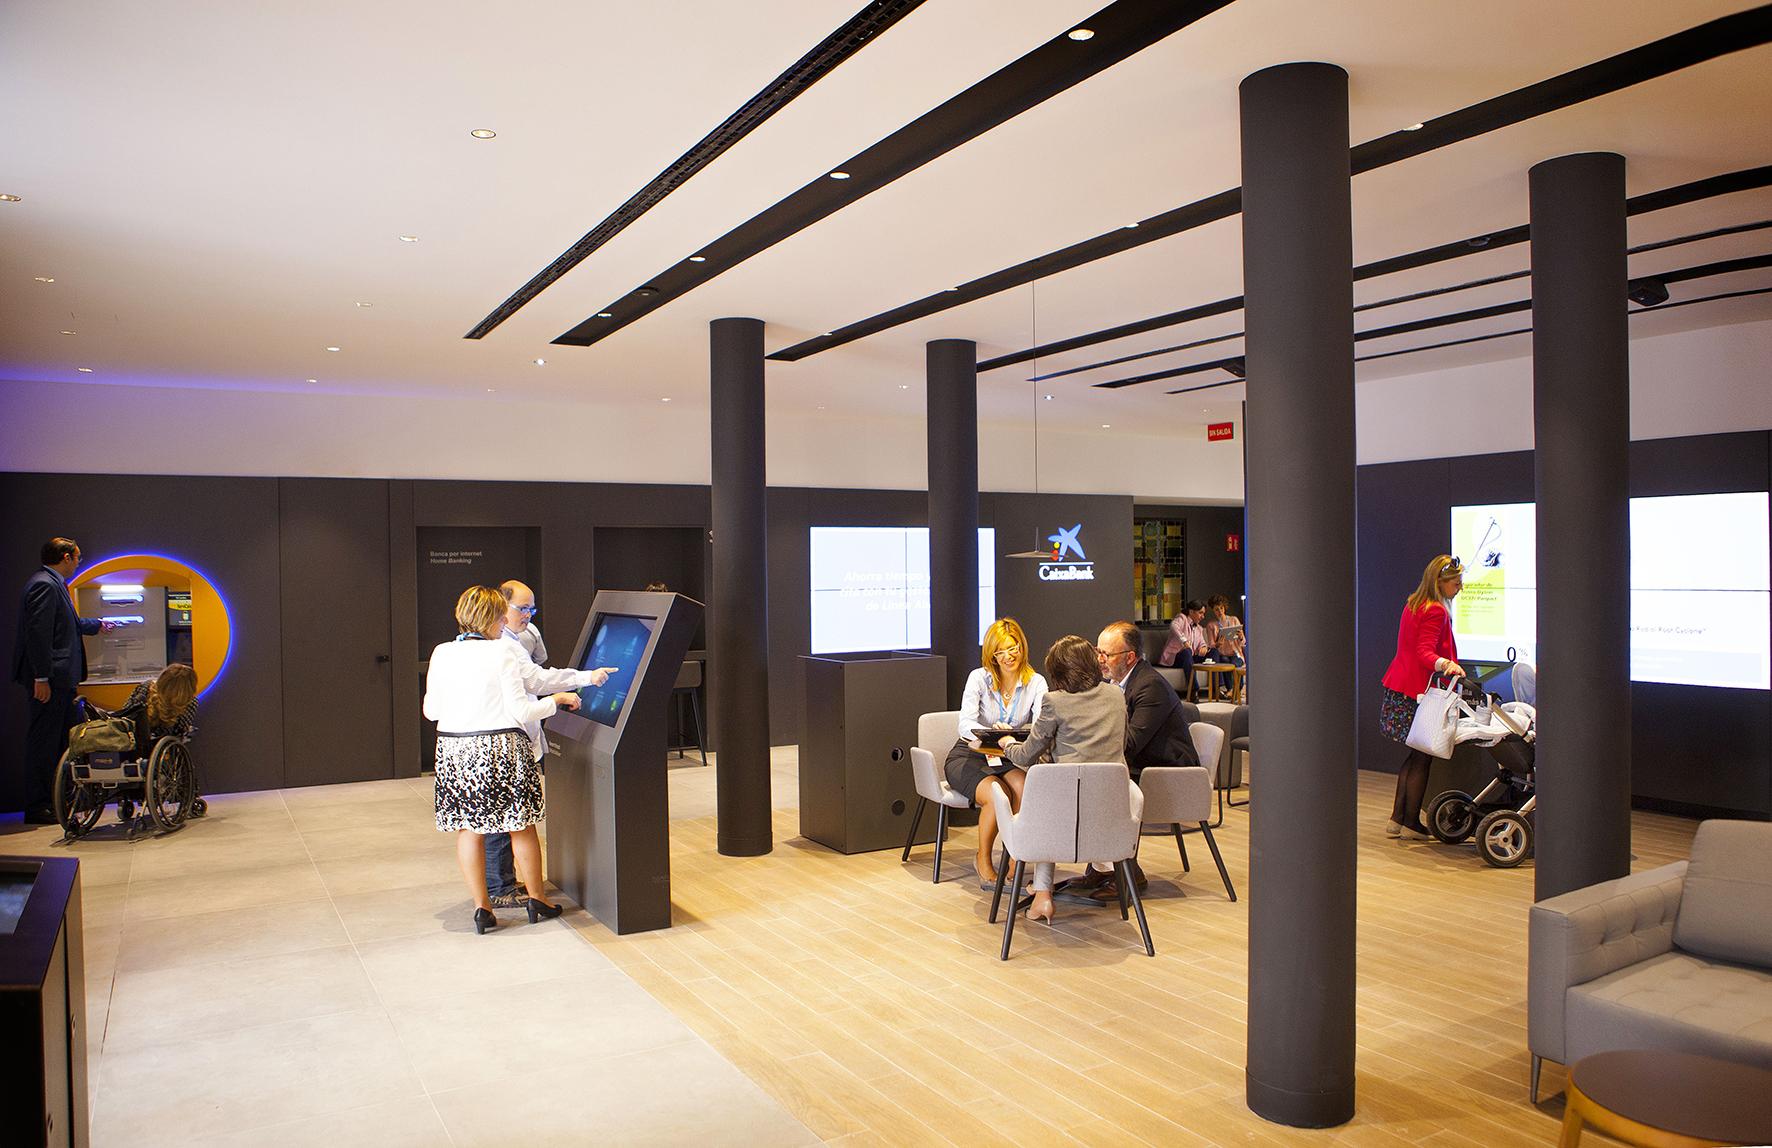 Caixabank abrir en albacete una oficina de su nuevo for La caixa oficinas zaragoza